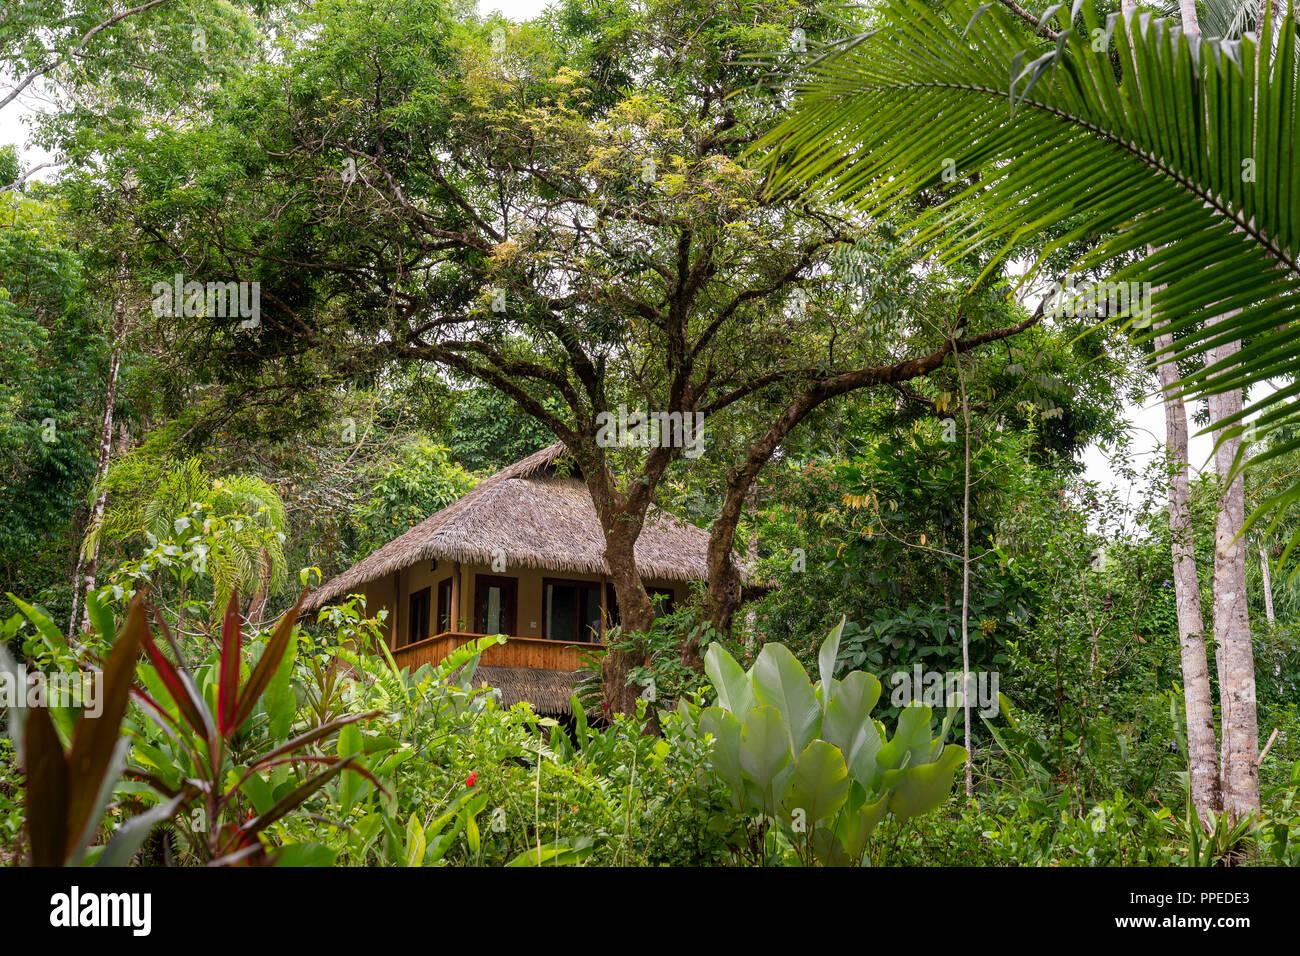 La foresta pluviale, Parco Nazionale di Corcovado, Osa Peninsula, Costa Rica Immagini Stock